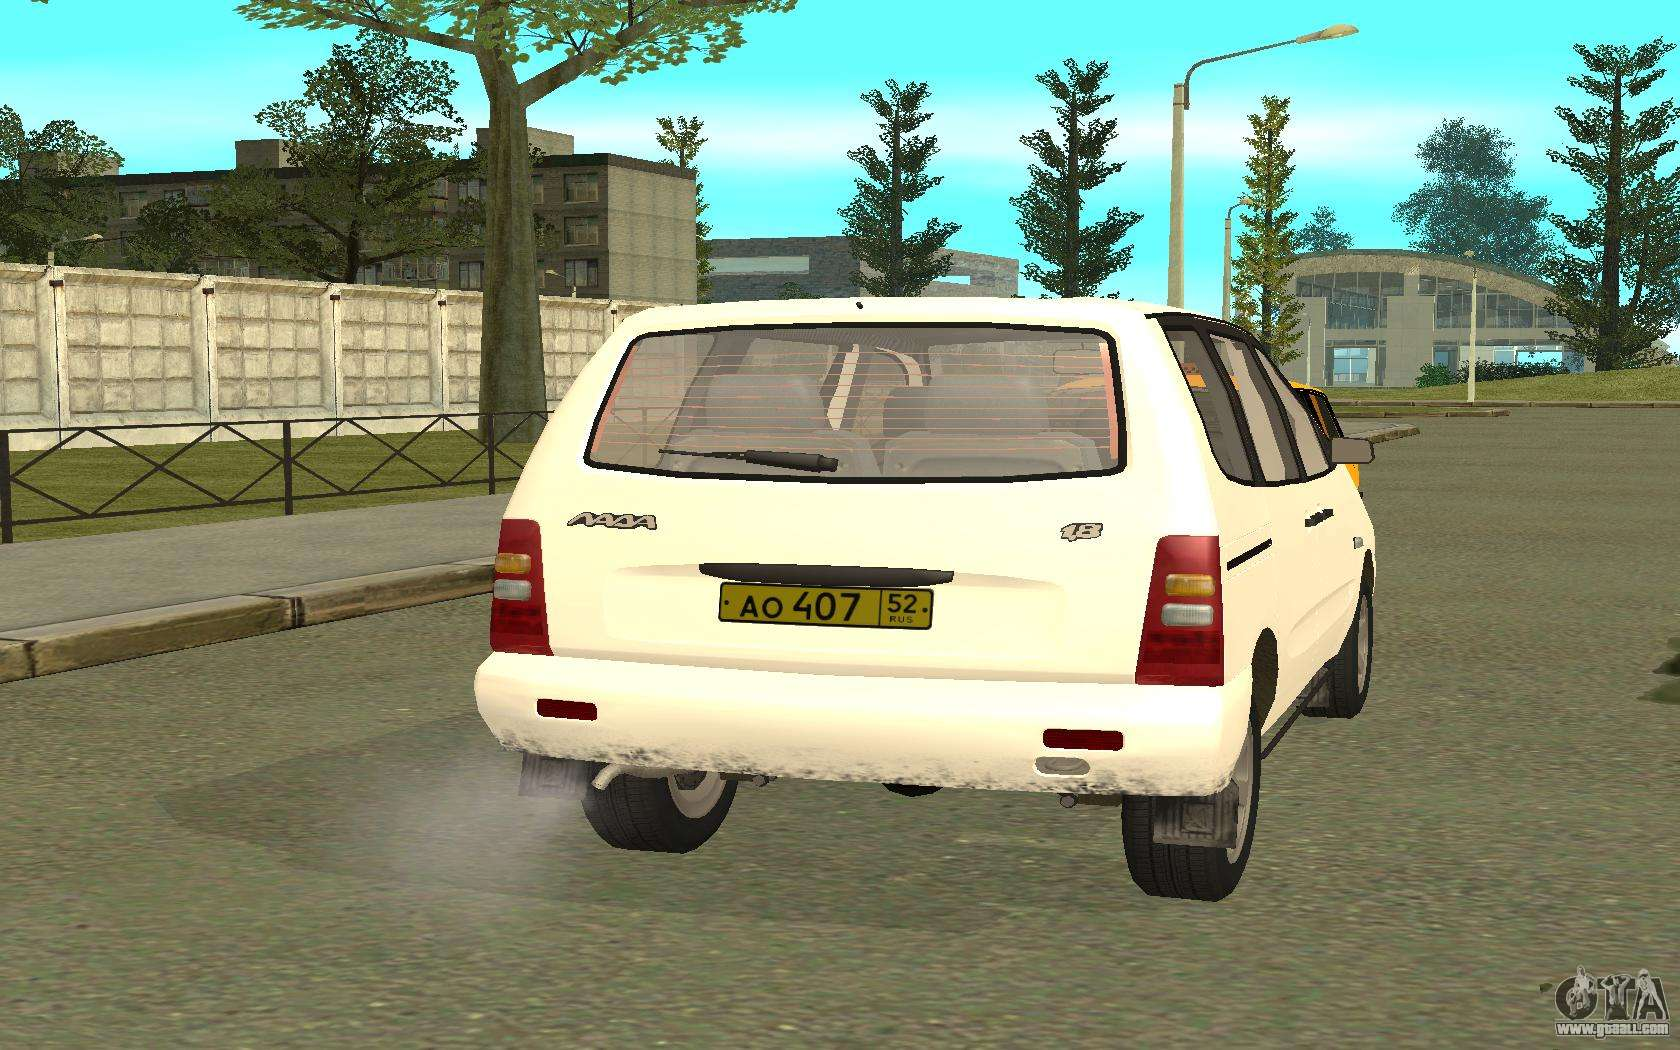 VAZ 2120 - the car is not for drift 97